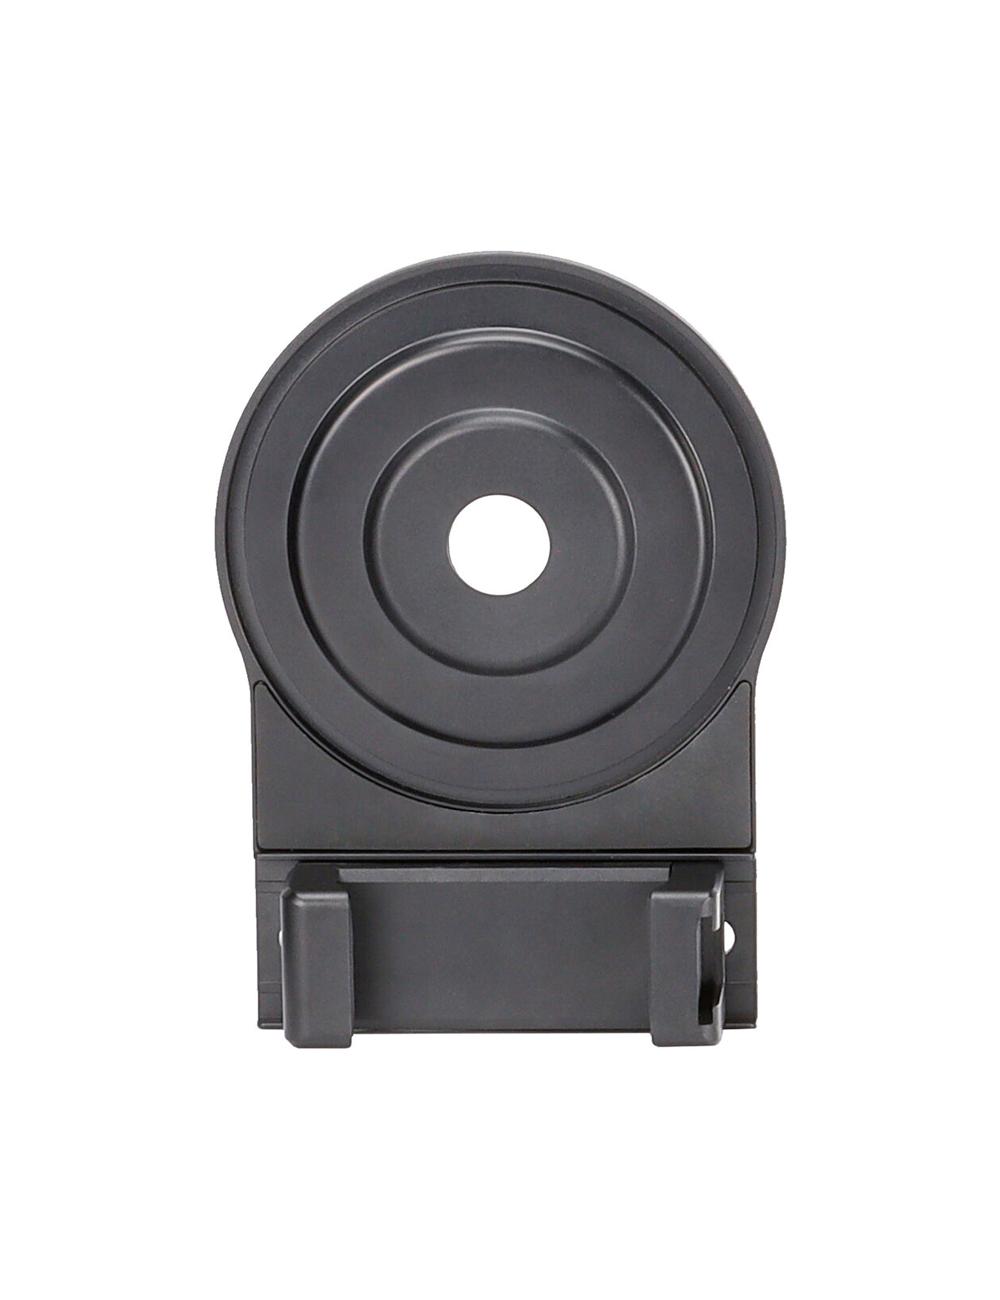 Lente Fujifilm XF 16-55mm f/2.8 R LM WR versátil y muy luminoso